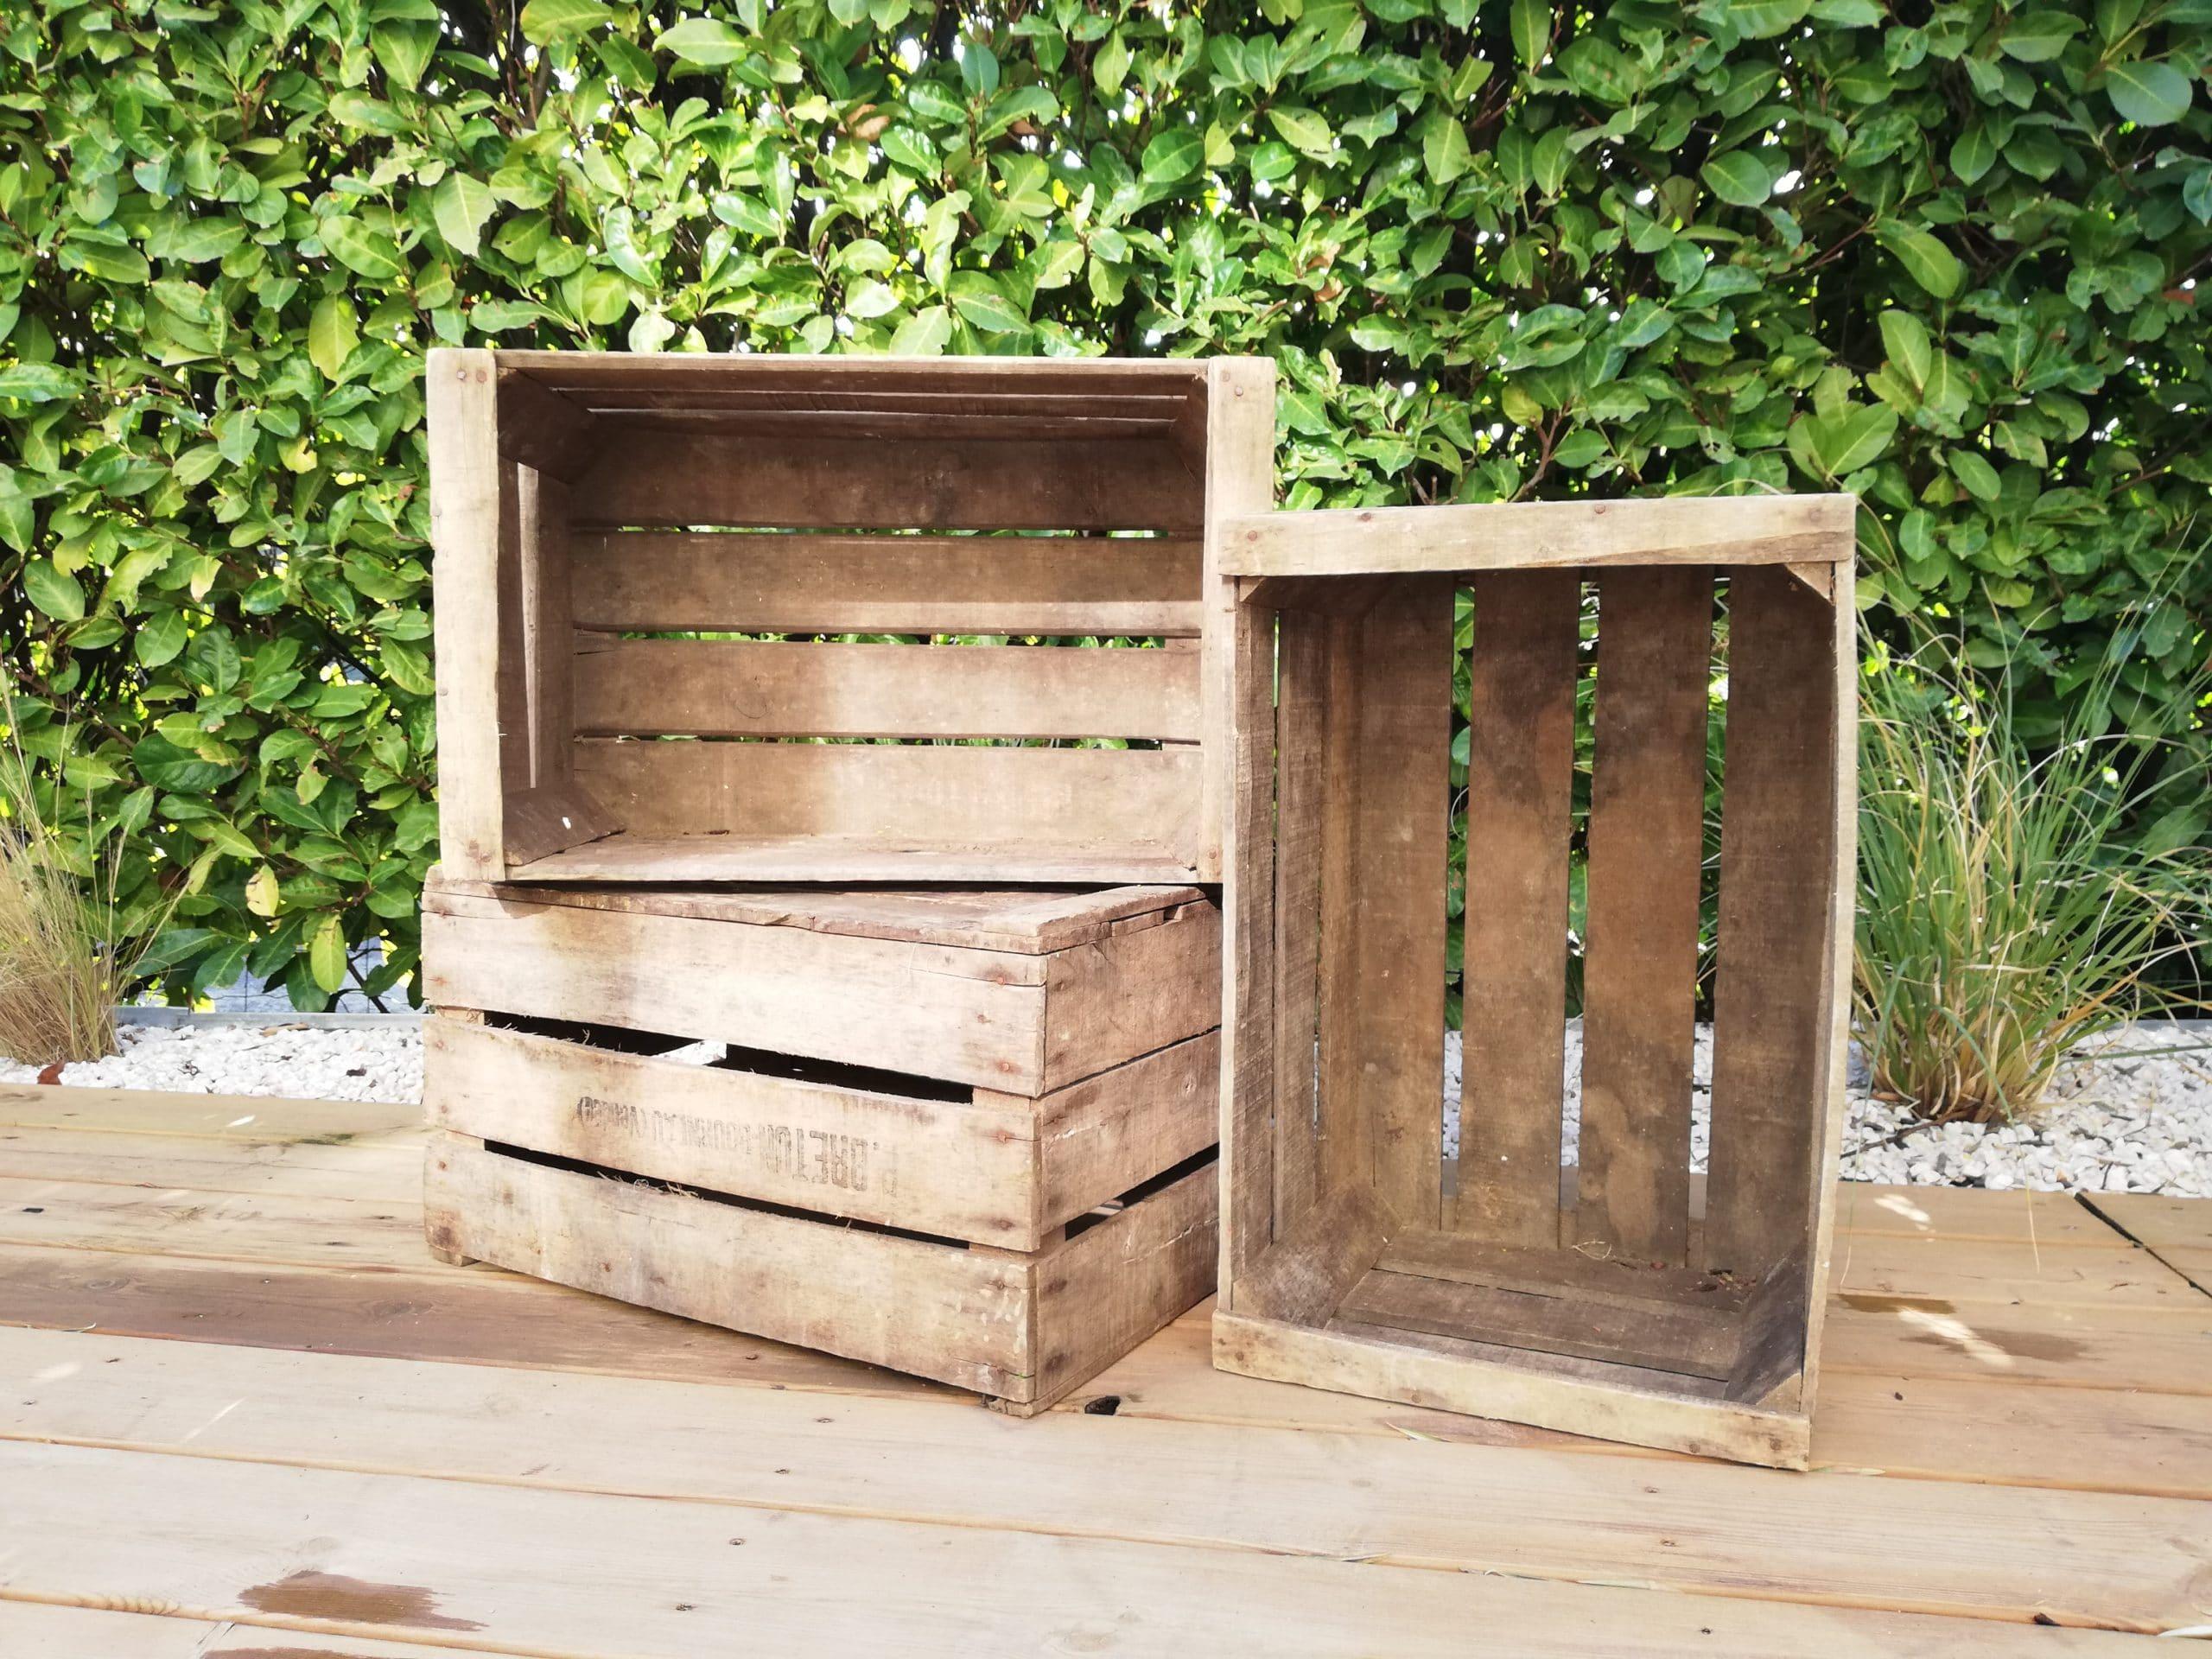 location de caisses en bois pour une décoration champêtre proposées par esprit pop'up